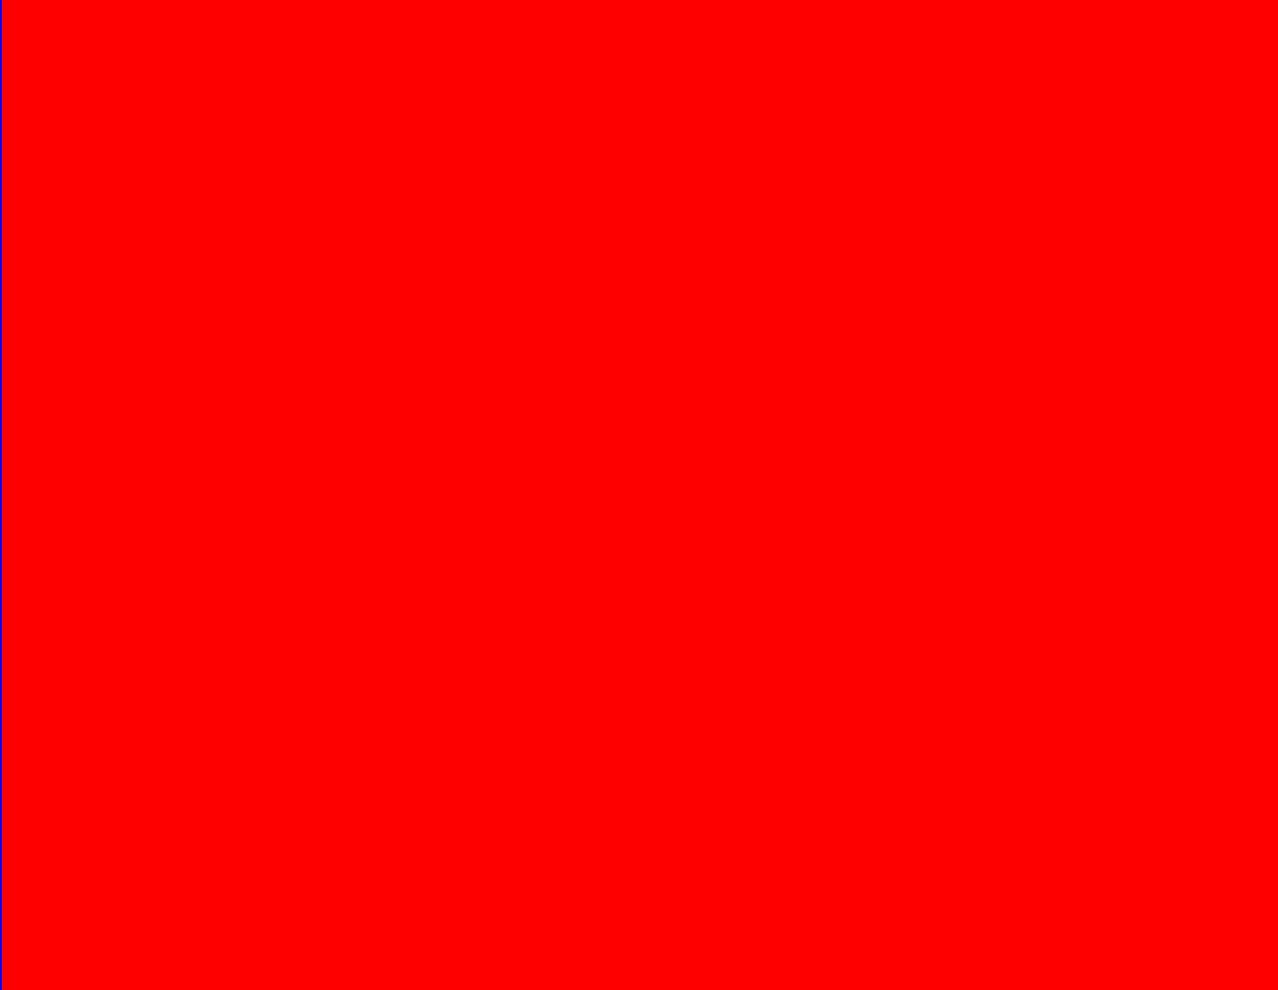 Reds Wallpaper - WallpaperSafari